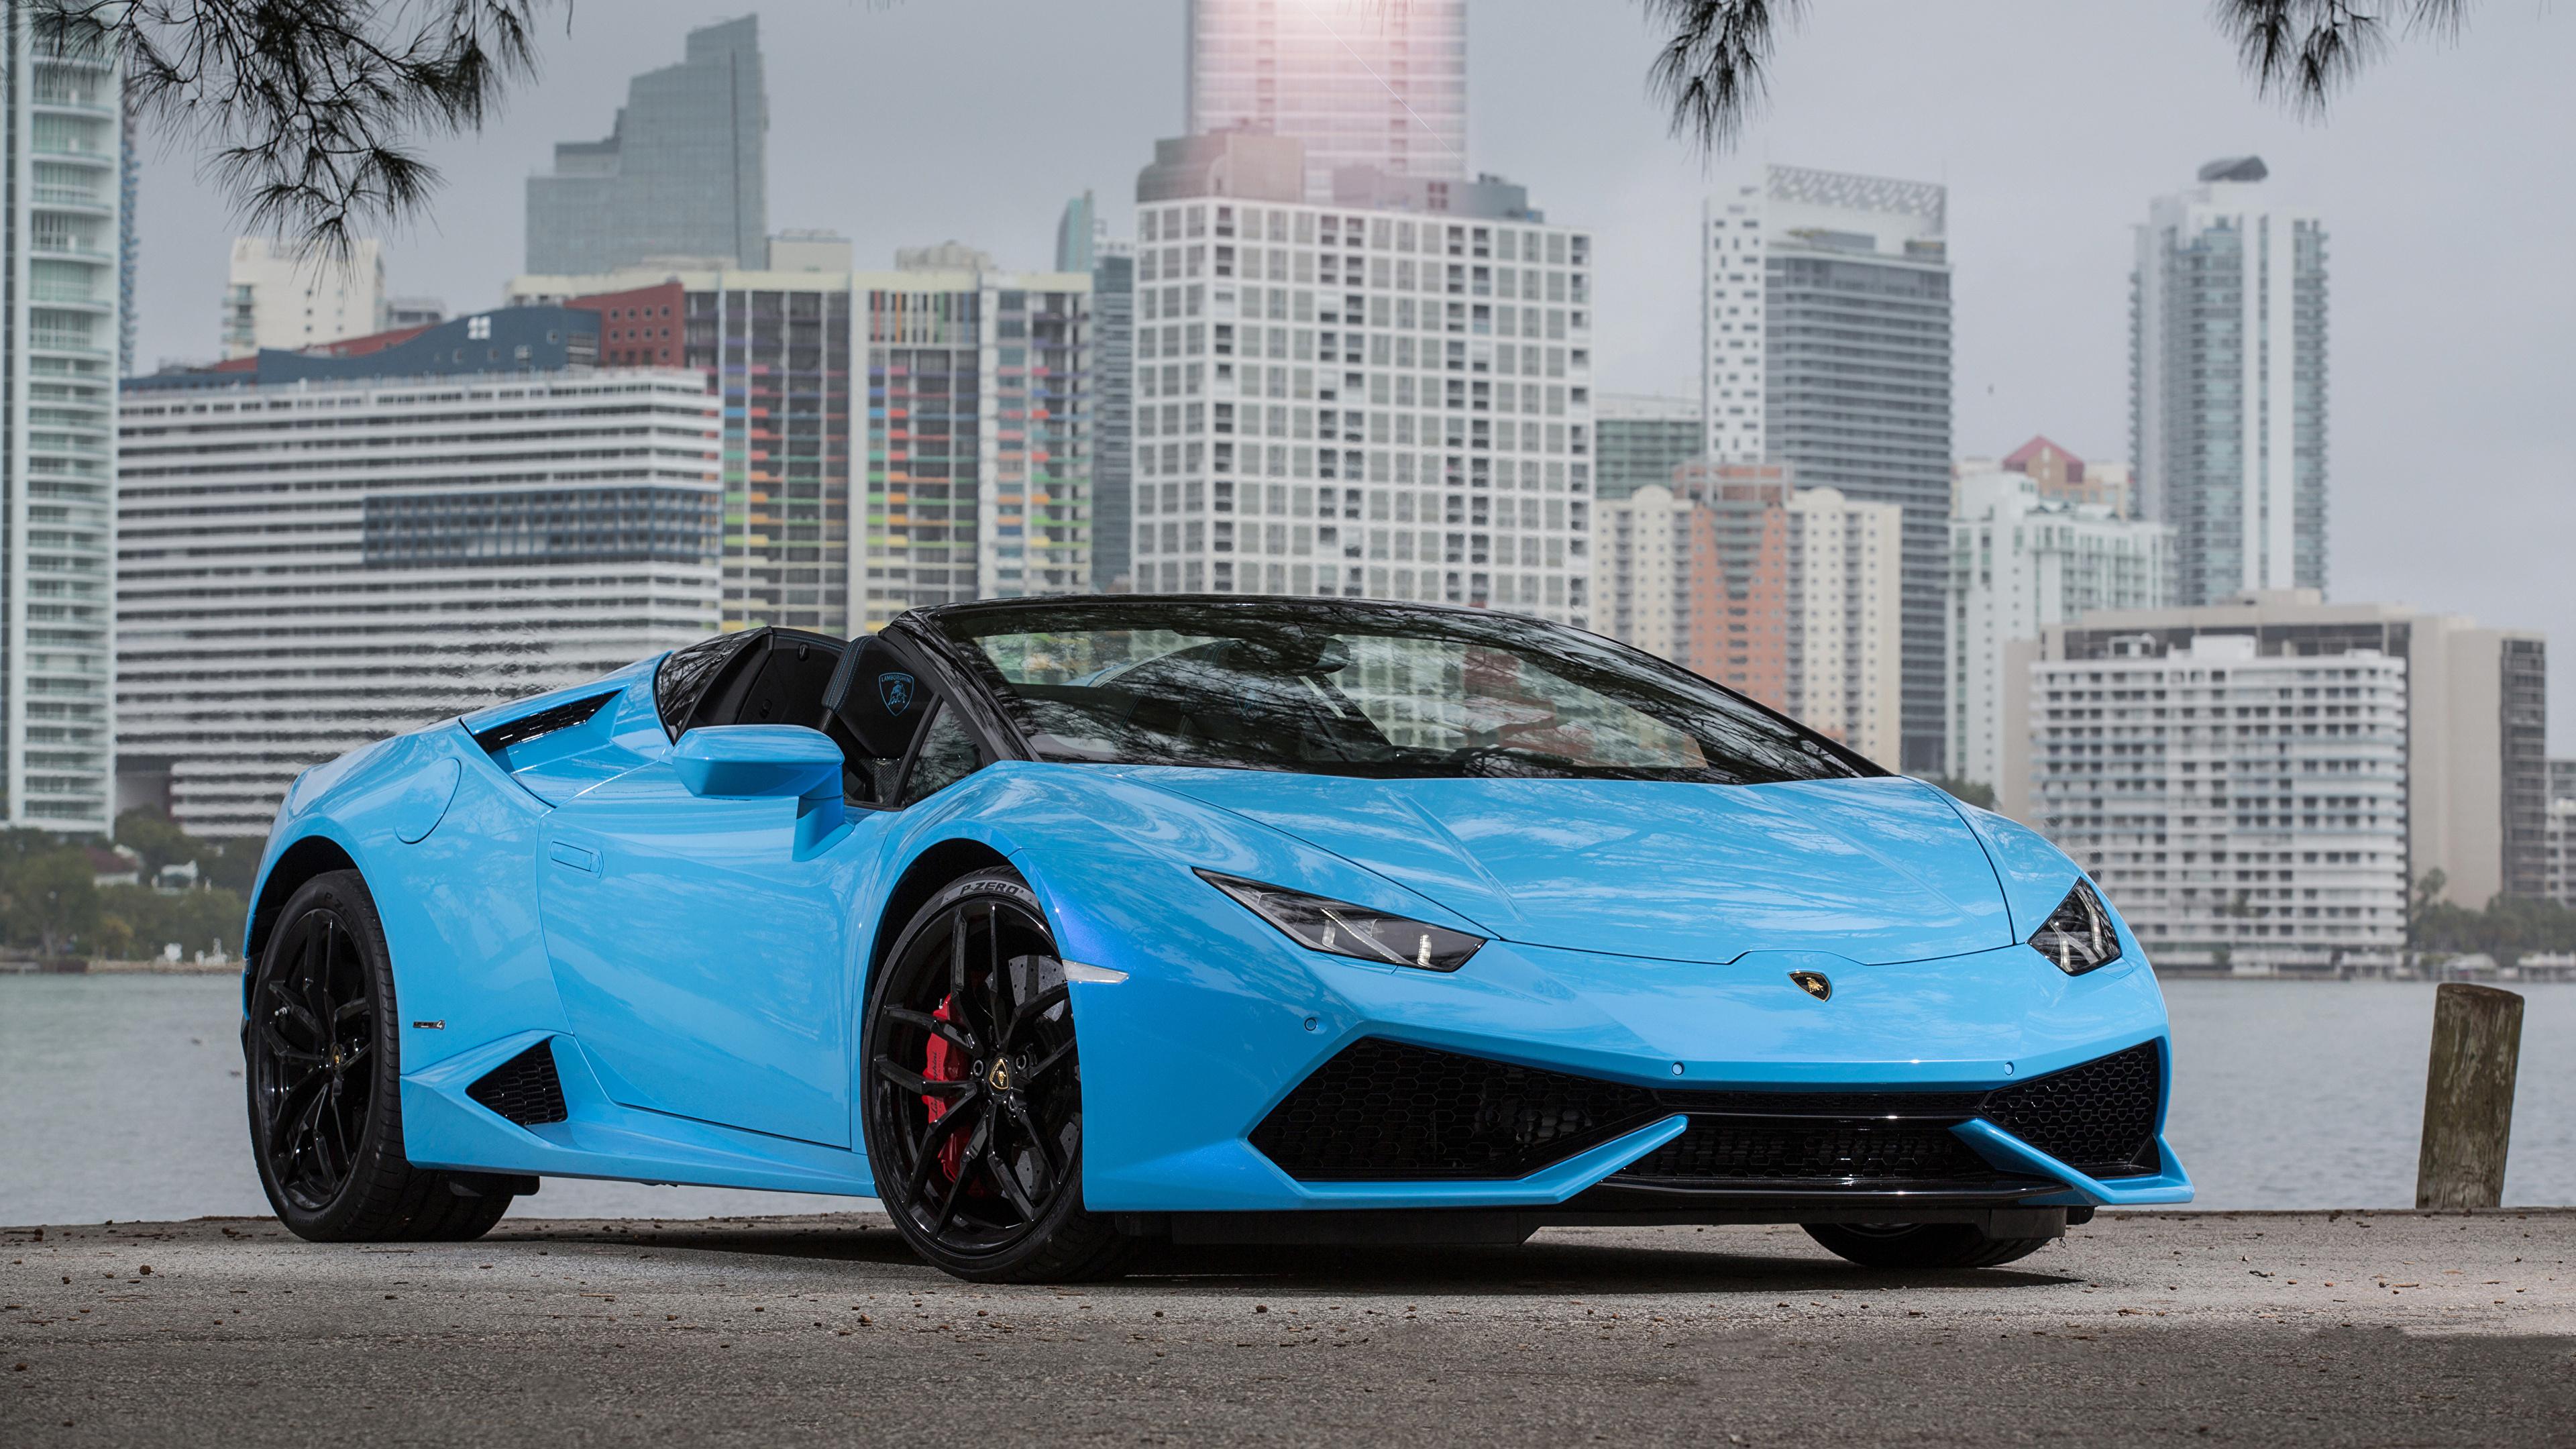 Фотографии Lamborghini 2015-19 Huracan LP 610-4 Spyder Worldwide Родстер голубая Металлик Автомобили 3840x2160 Ламборгини голубых голубые Голубой Авто Машины